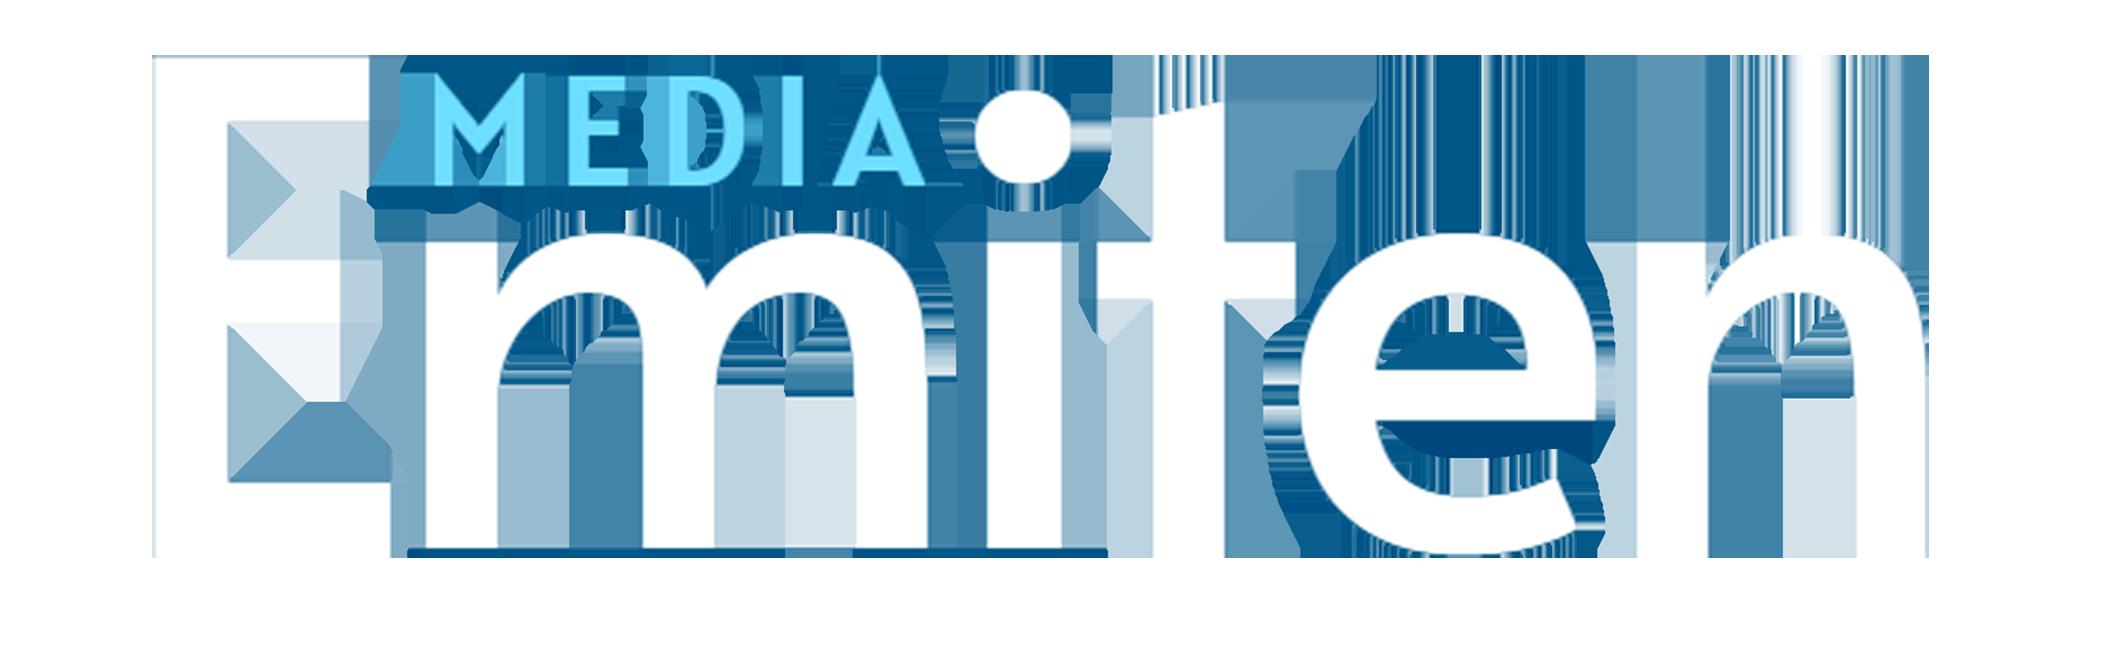 Media Emiten